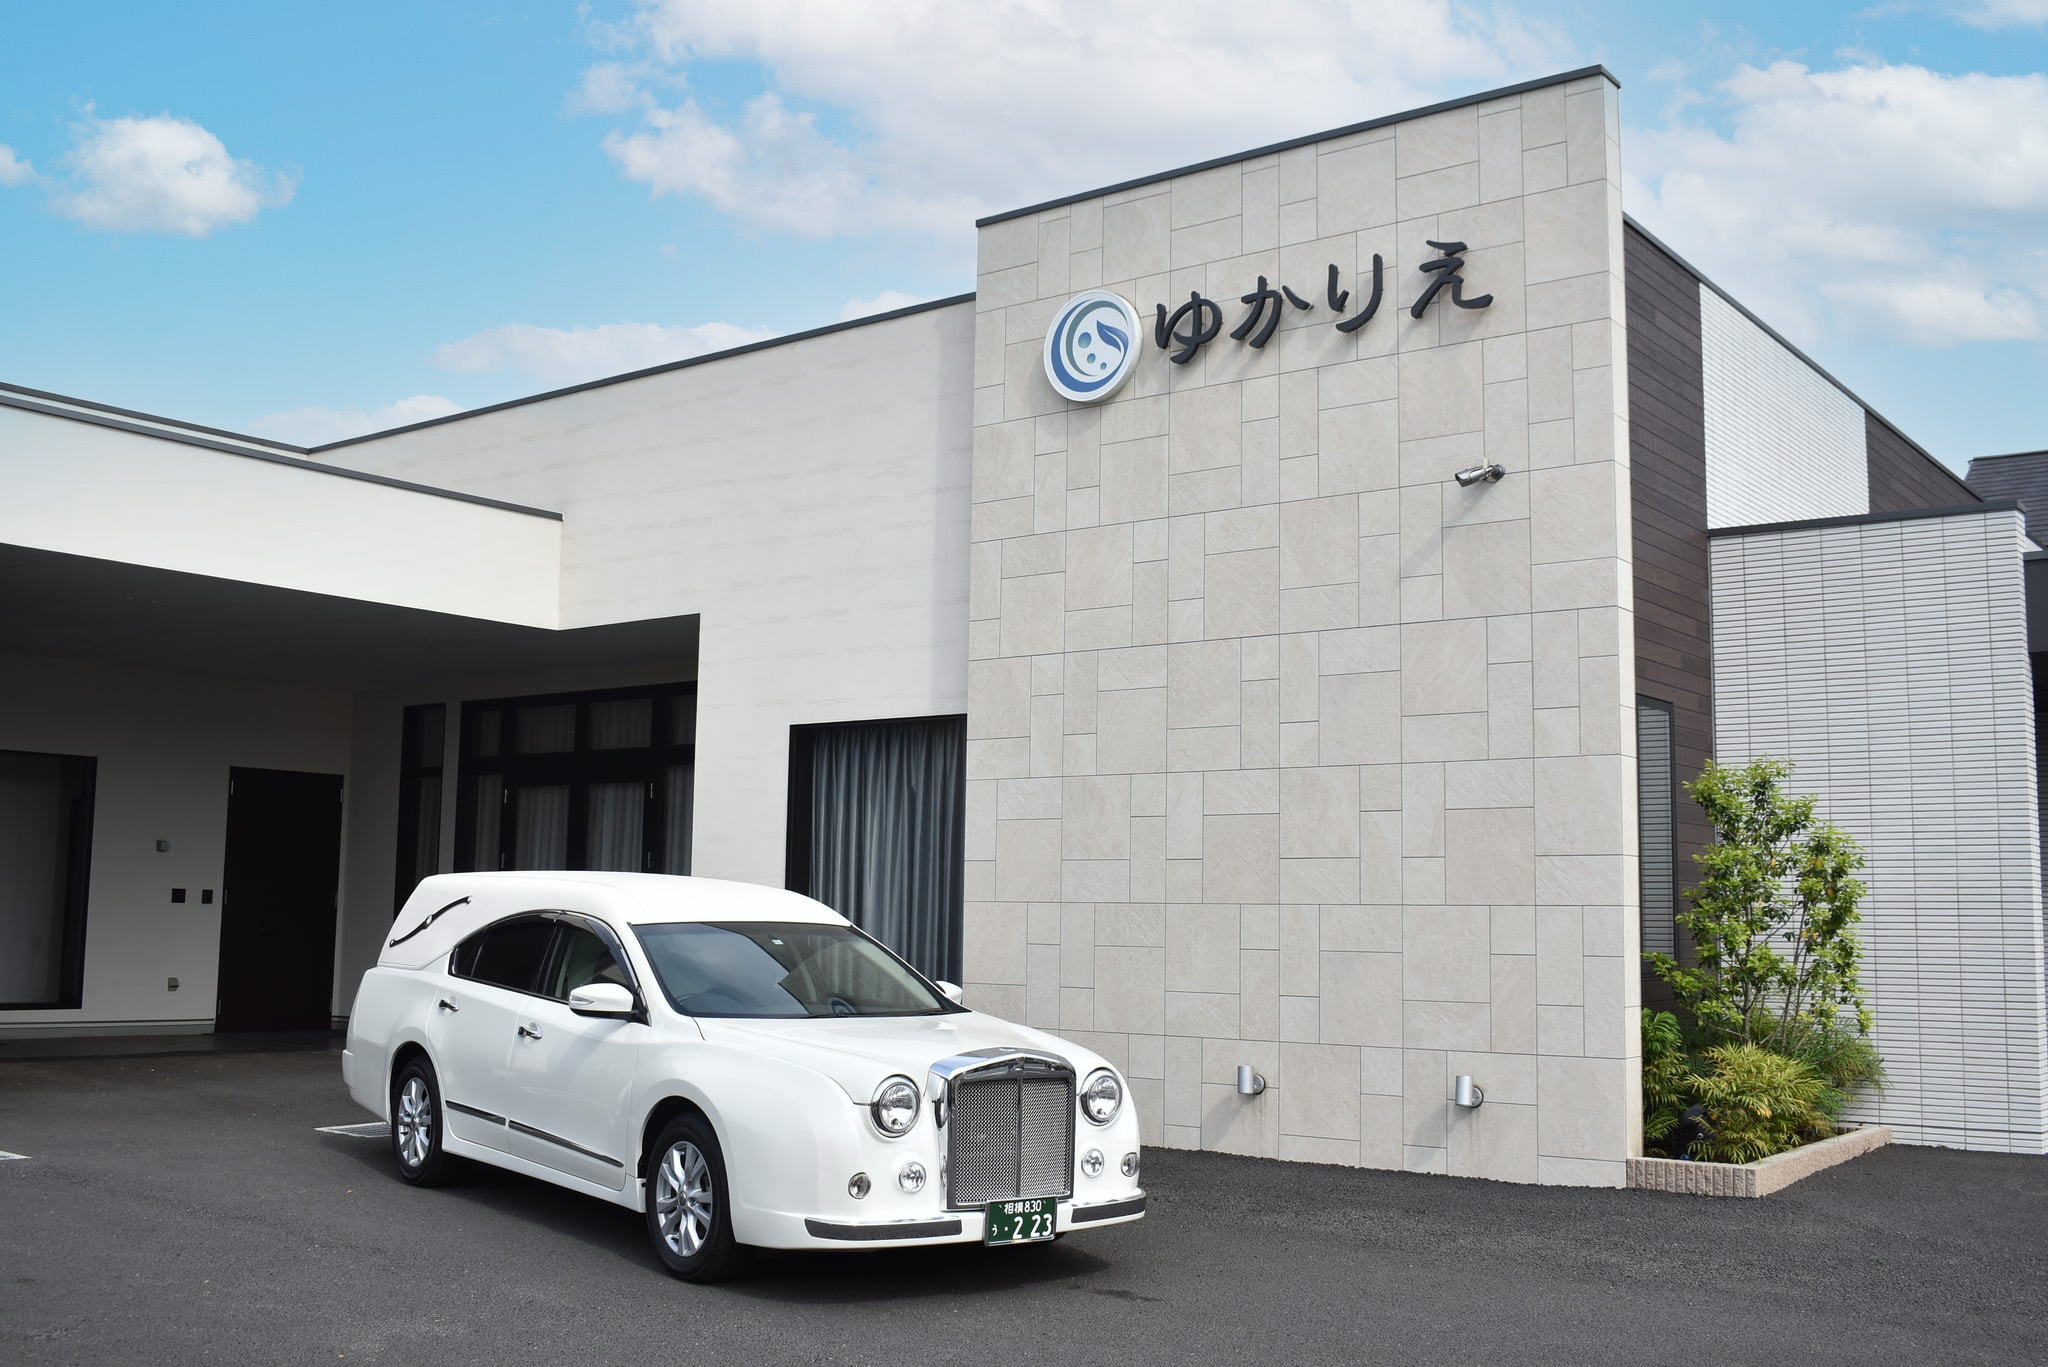 綾瀬市にある家族葬専用葬儀場「家族葬式場ゆかりえ」の外観写真